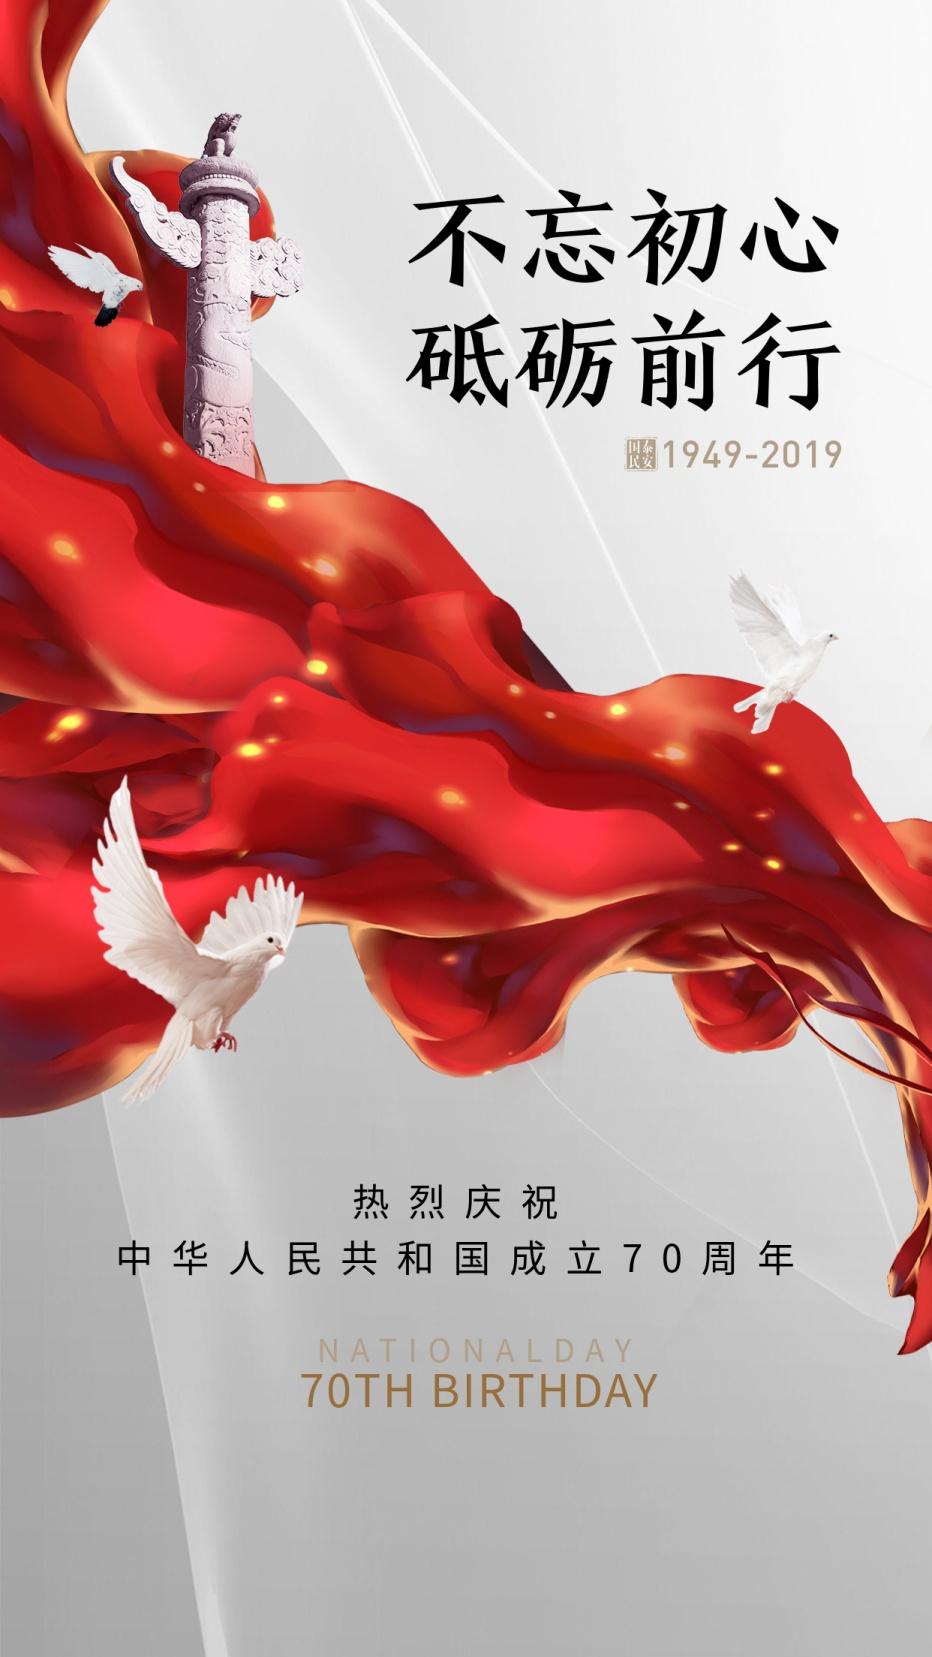 十一国庆节/氛围营销/手机海报